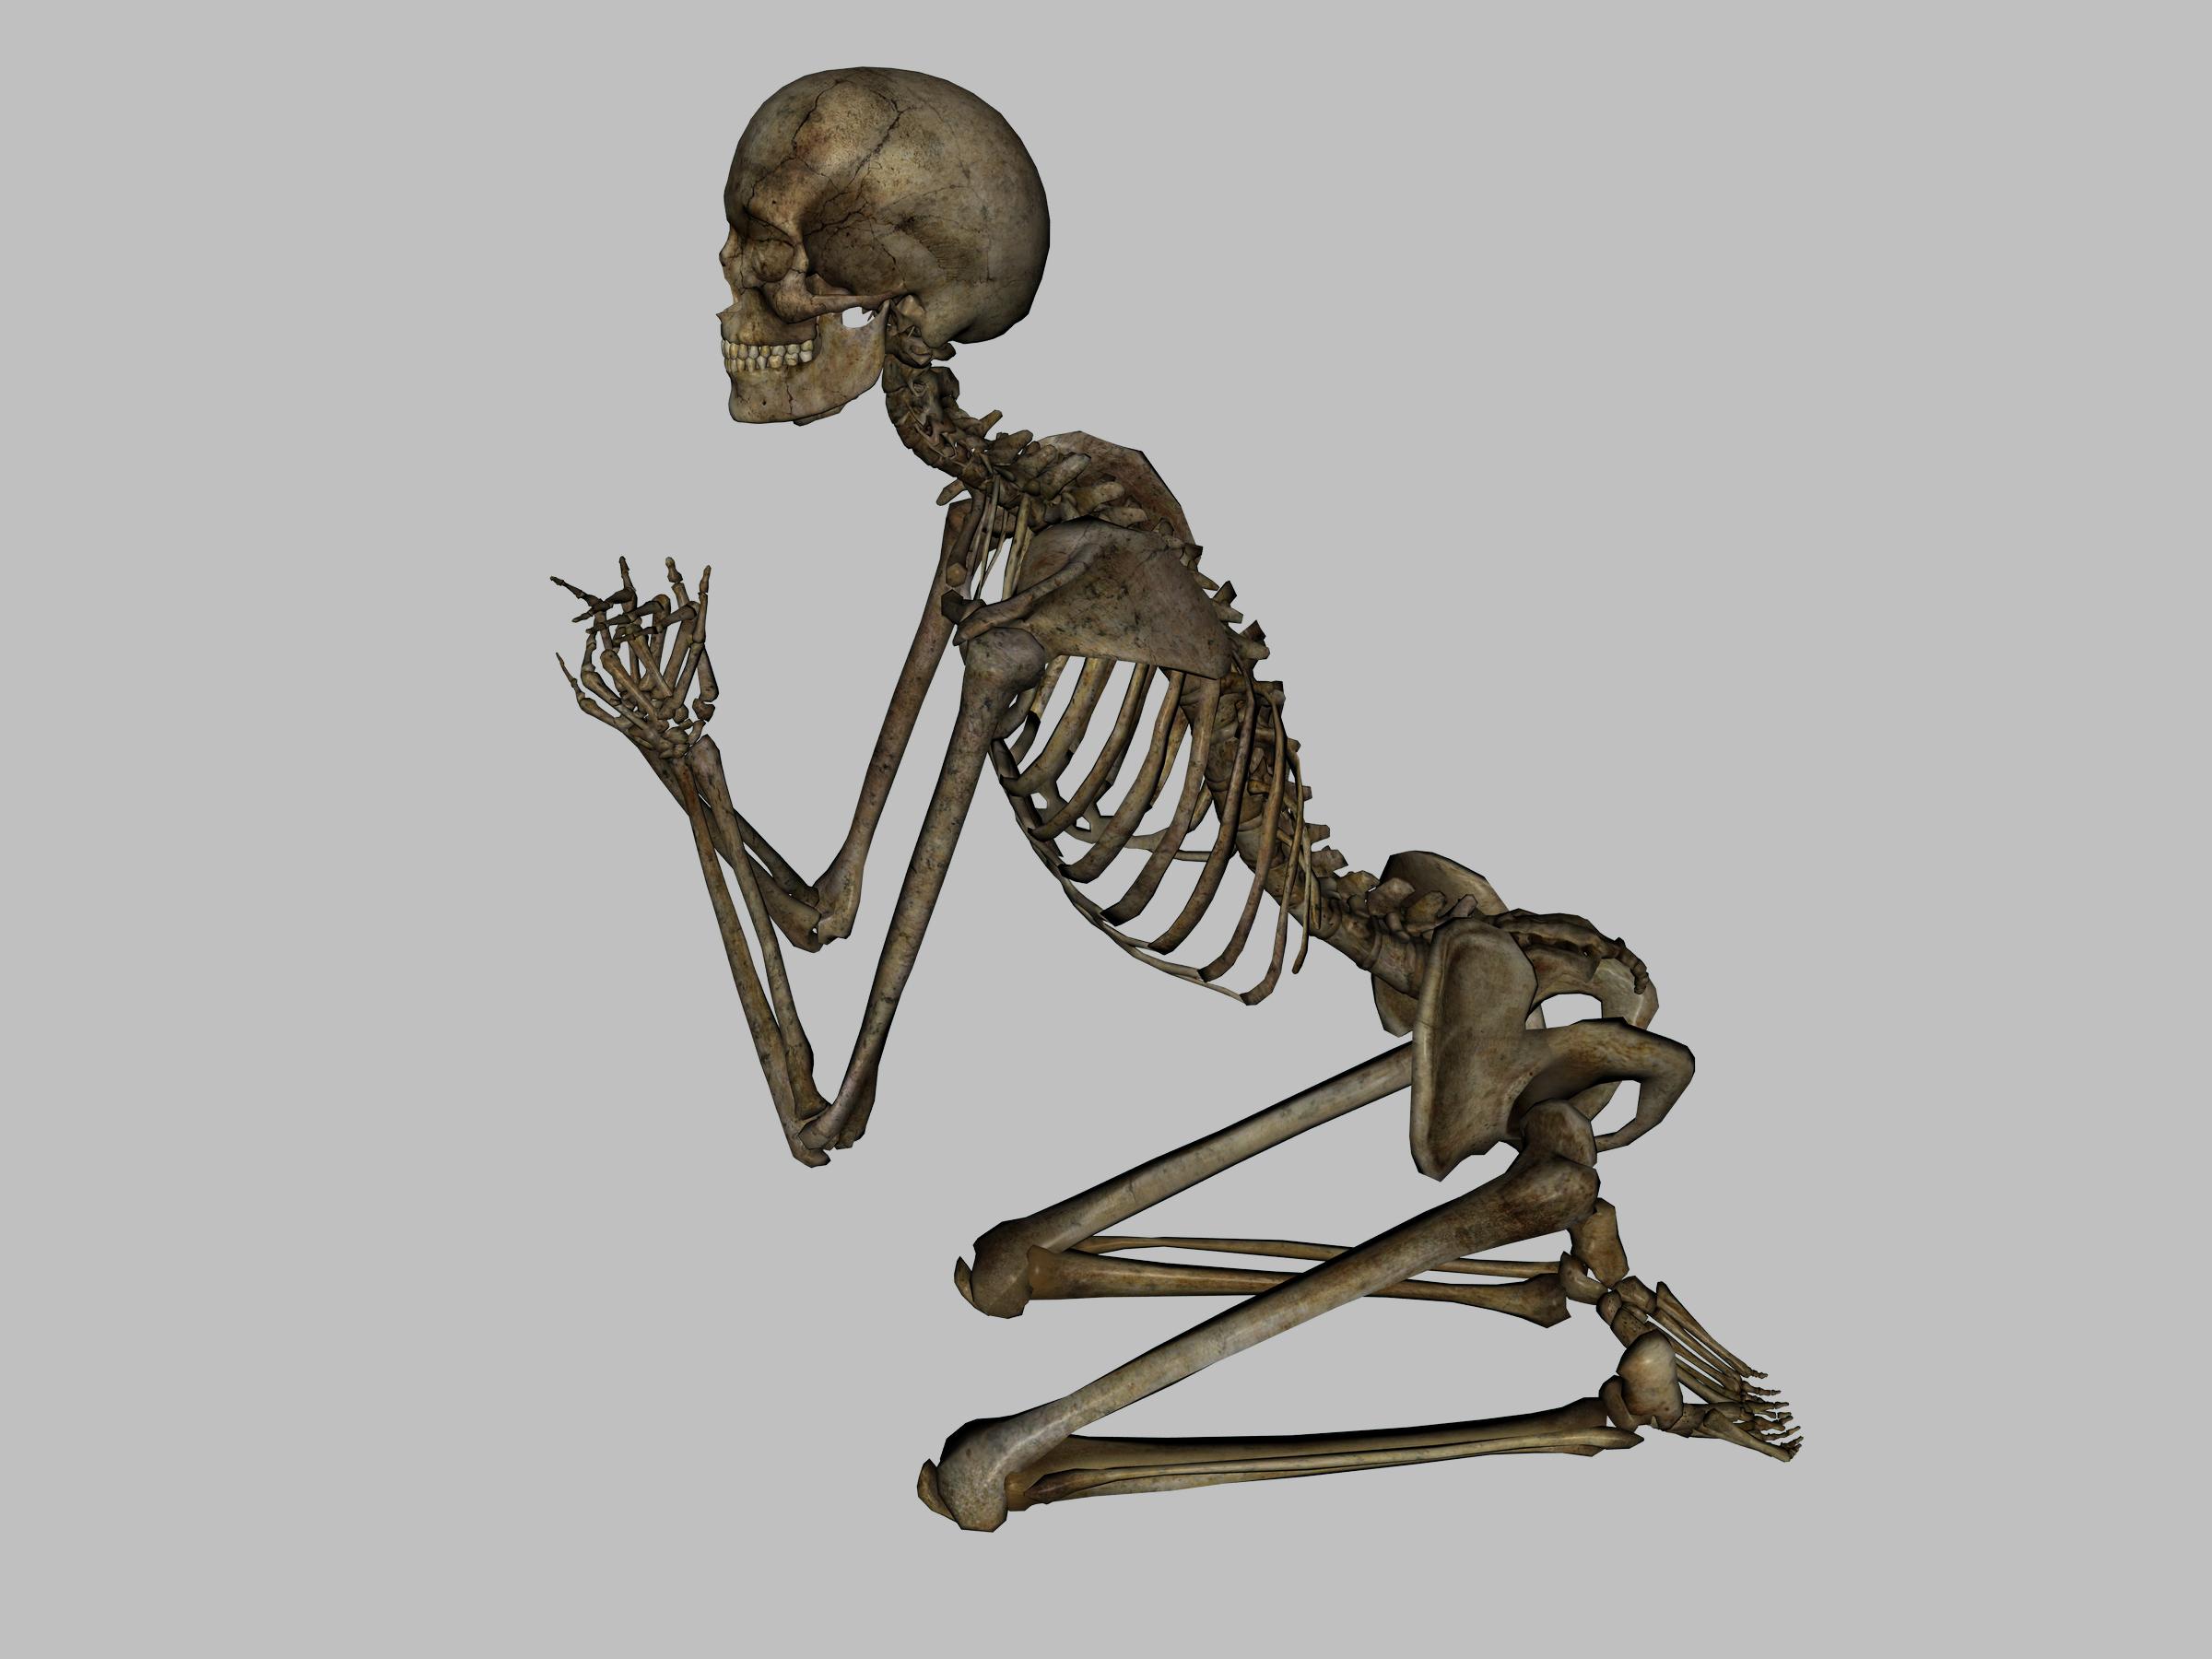 Skeleton - Praying - JPG